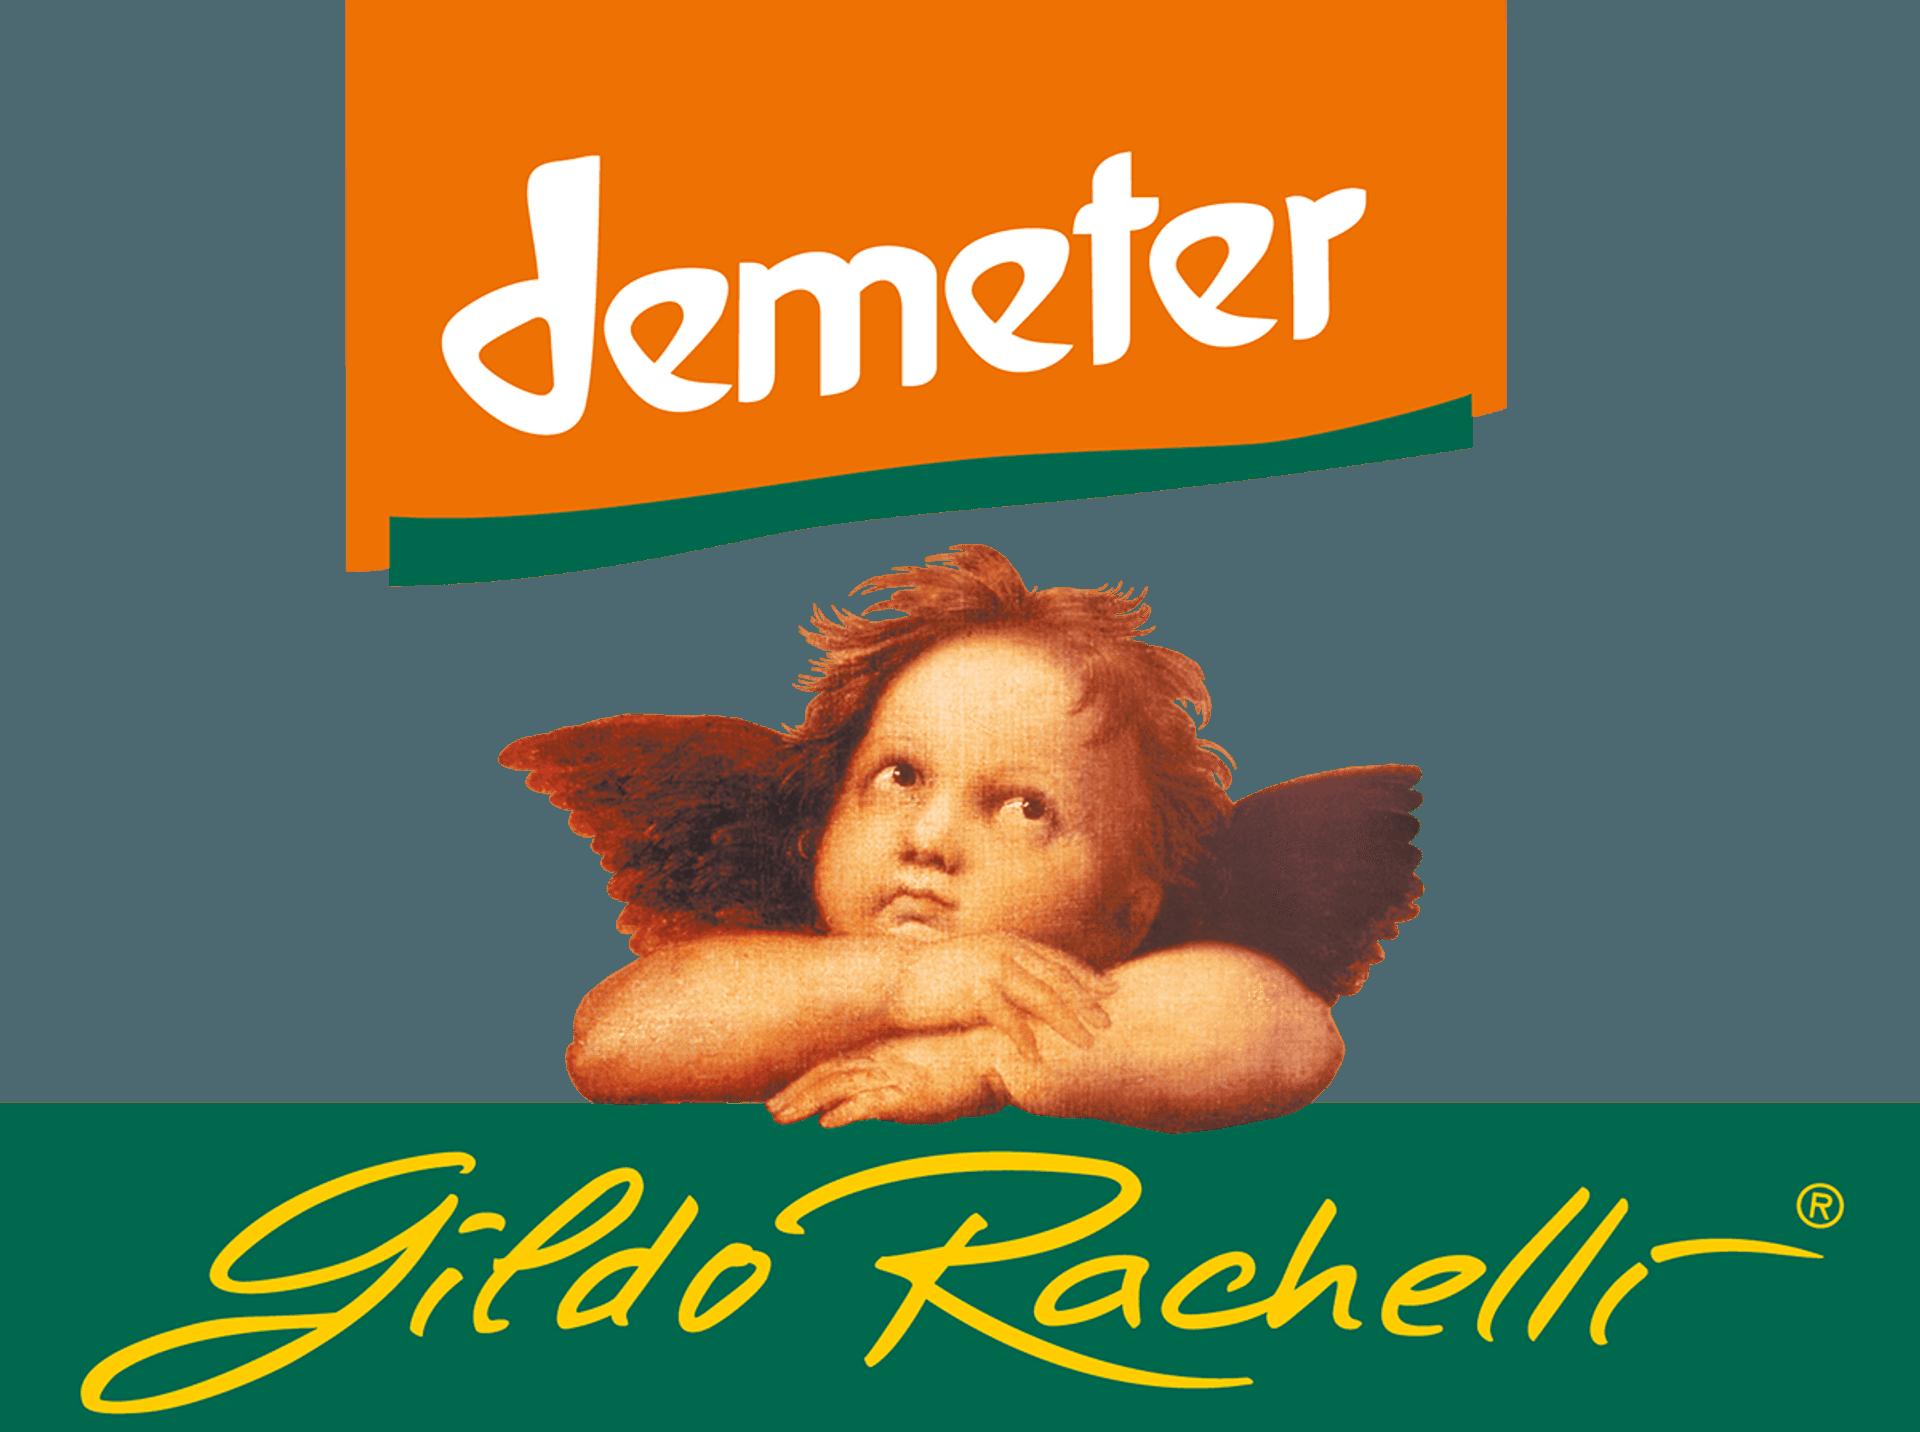 Logo Gildo Rachelli